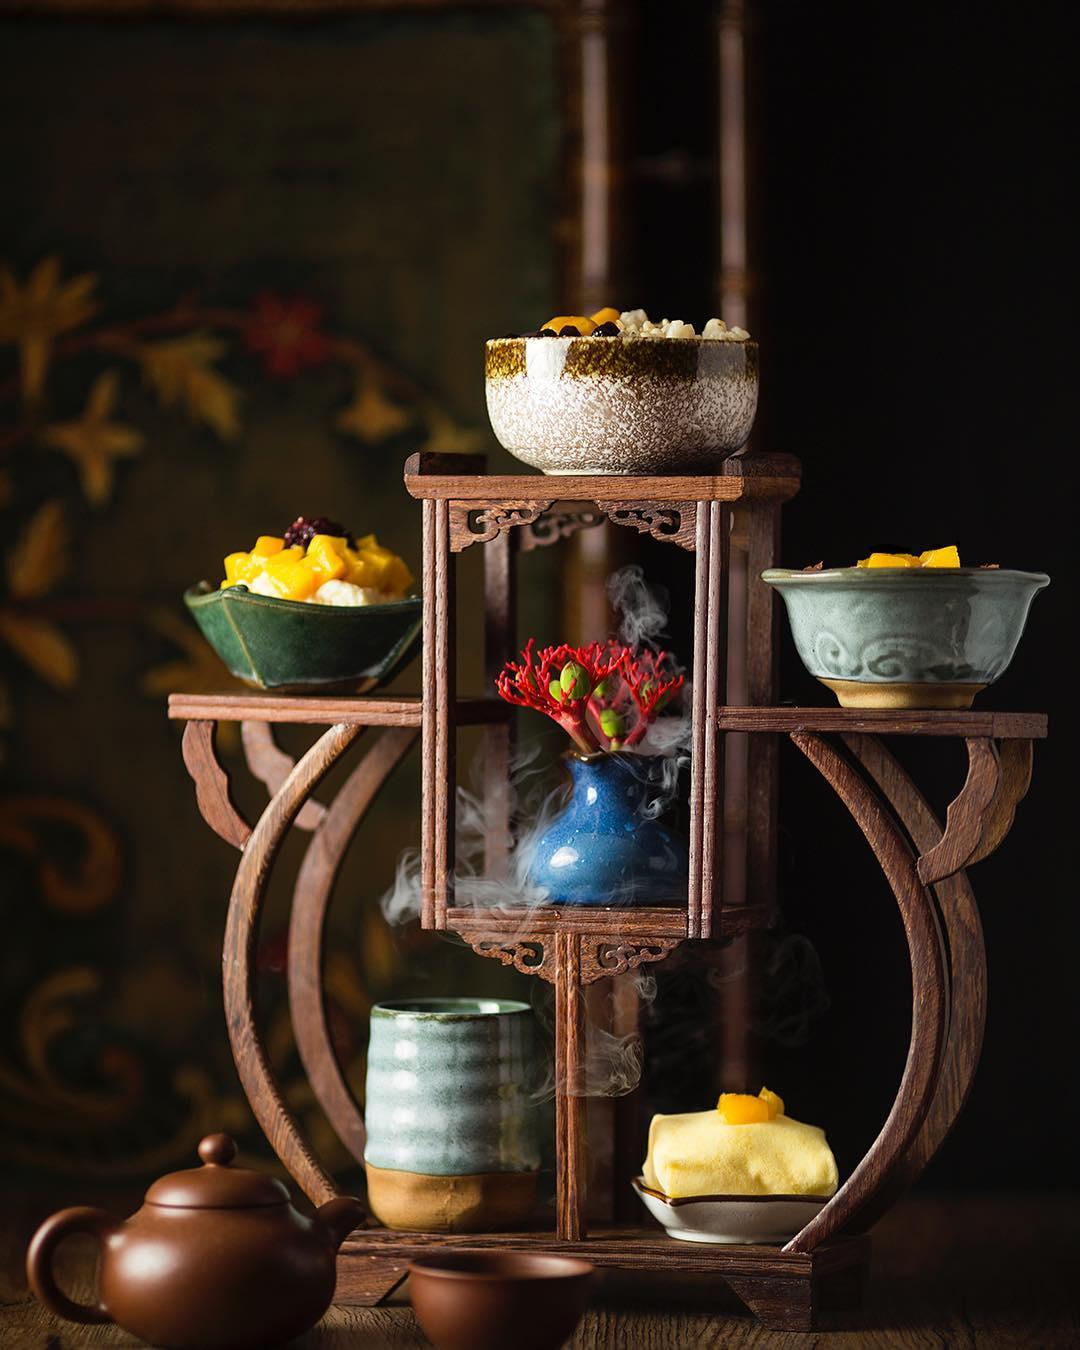 糖軒的「博古架」套餐,包含四到五種中式甜點與甜品。